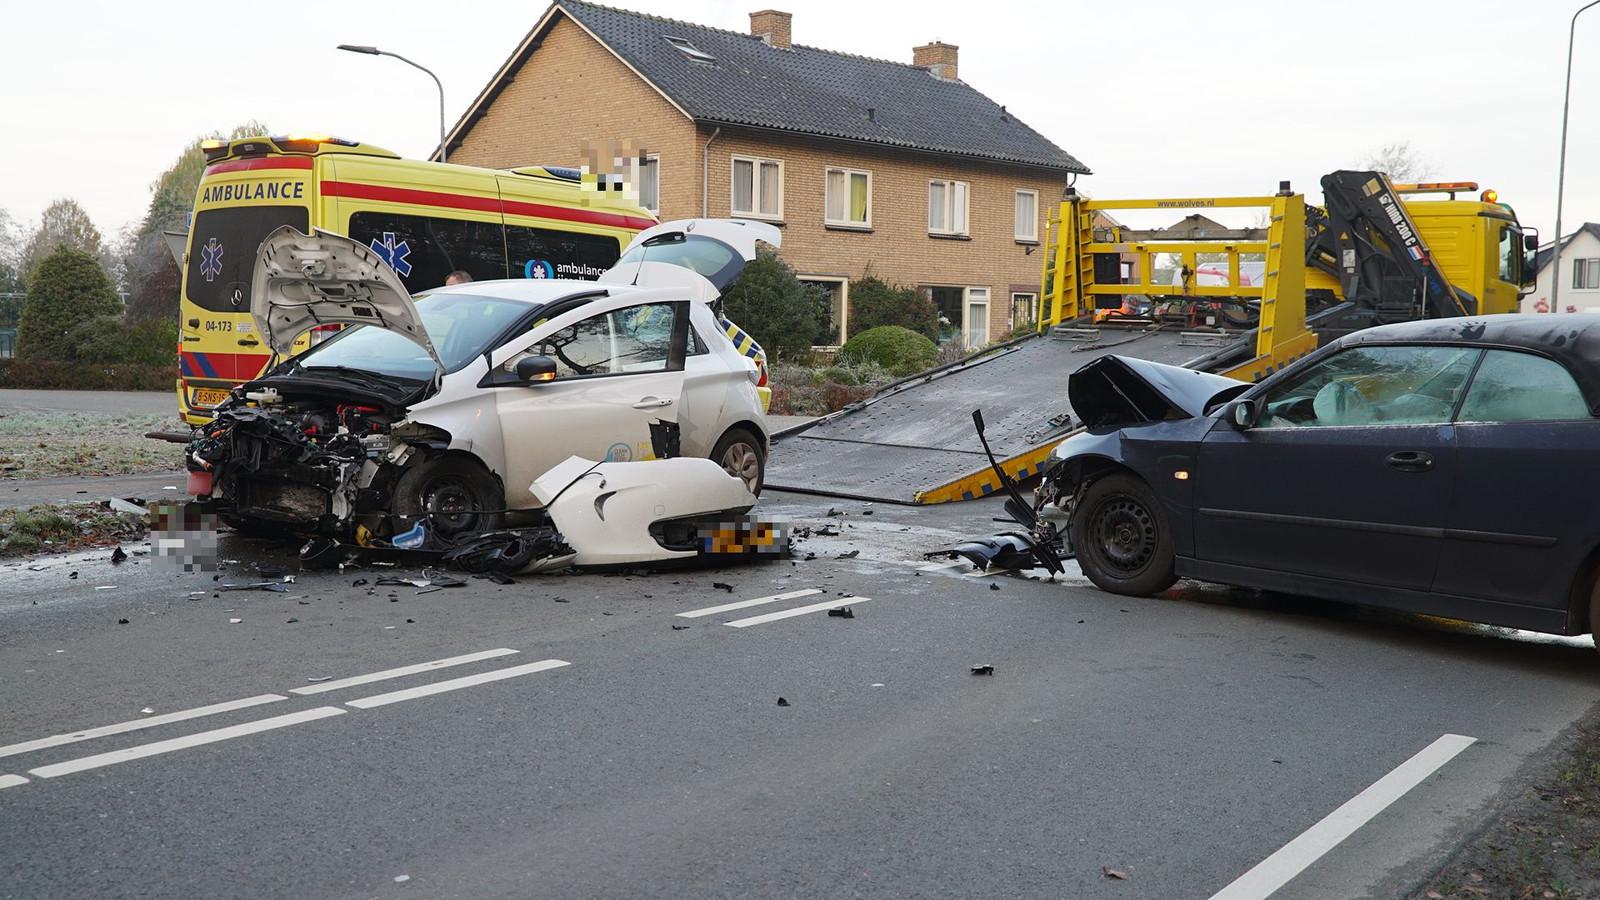 Ravage op de H.W. Iordensweg in Twello na een frontale aanrijding.Een van de twee bij het ongeluk betrokken auto's kwam door onbekende oorzaak op de verkeerde weghelft en botste frontaal op de tegenligge